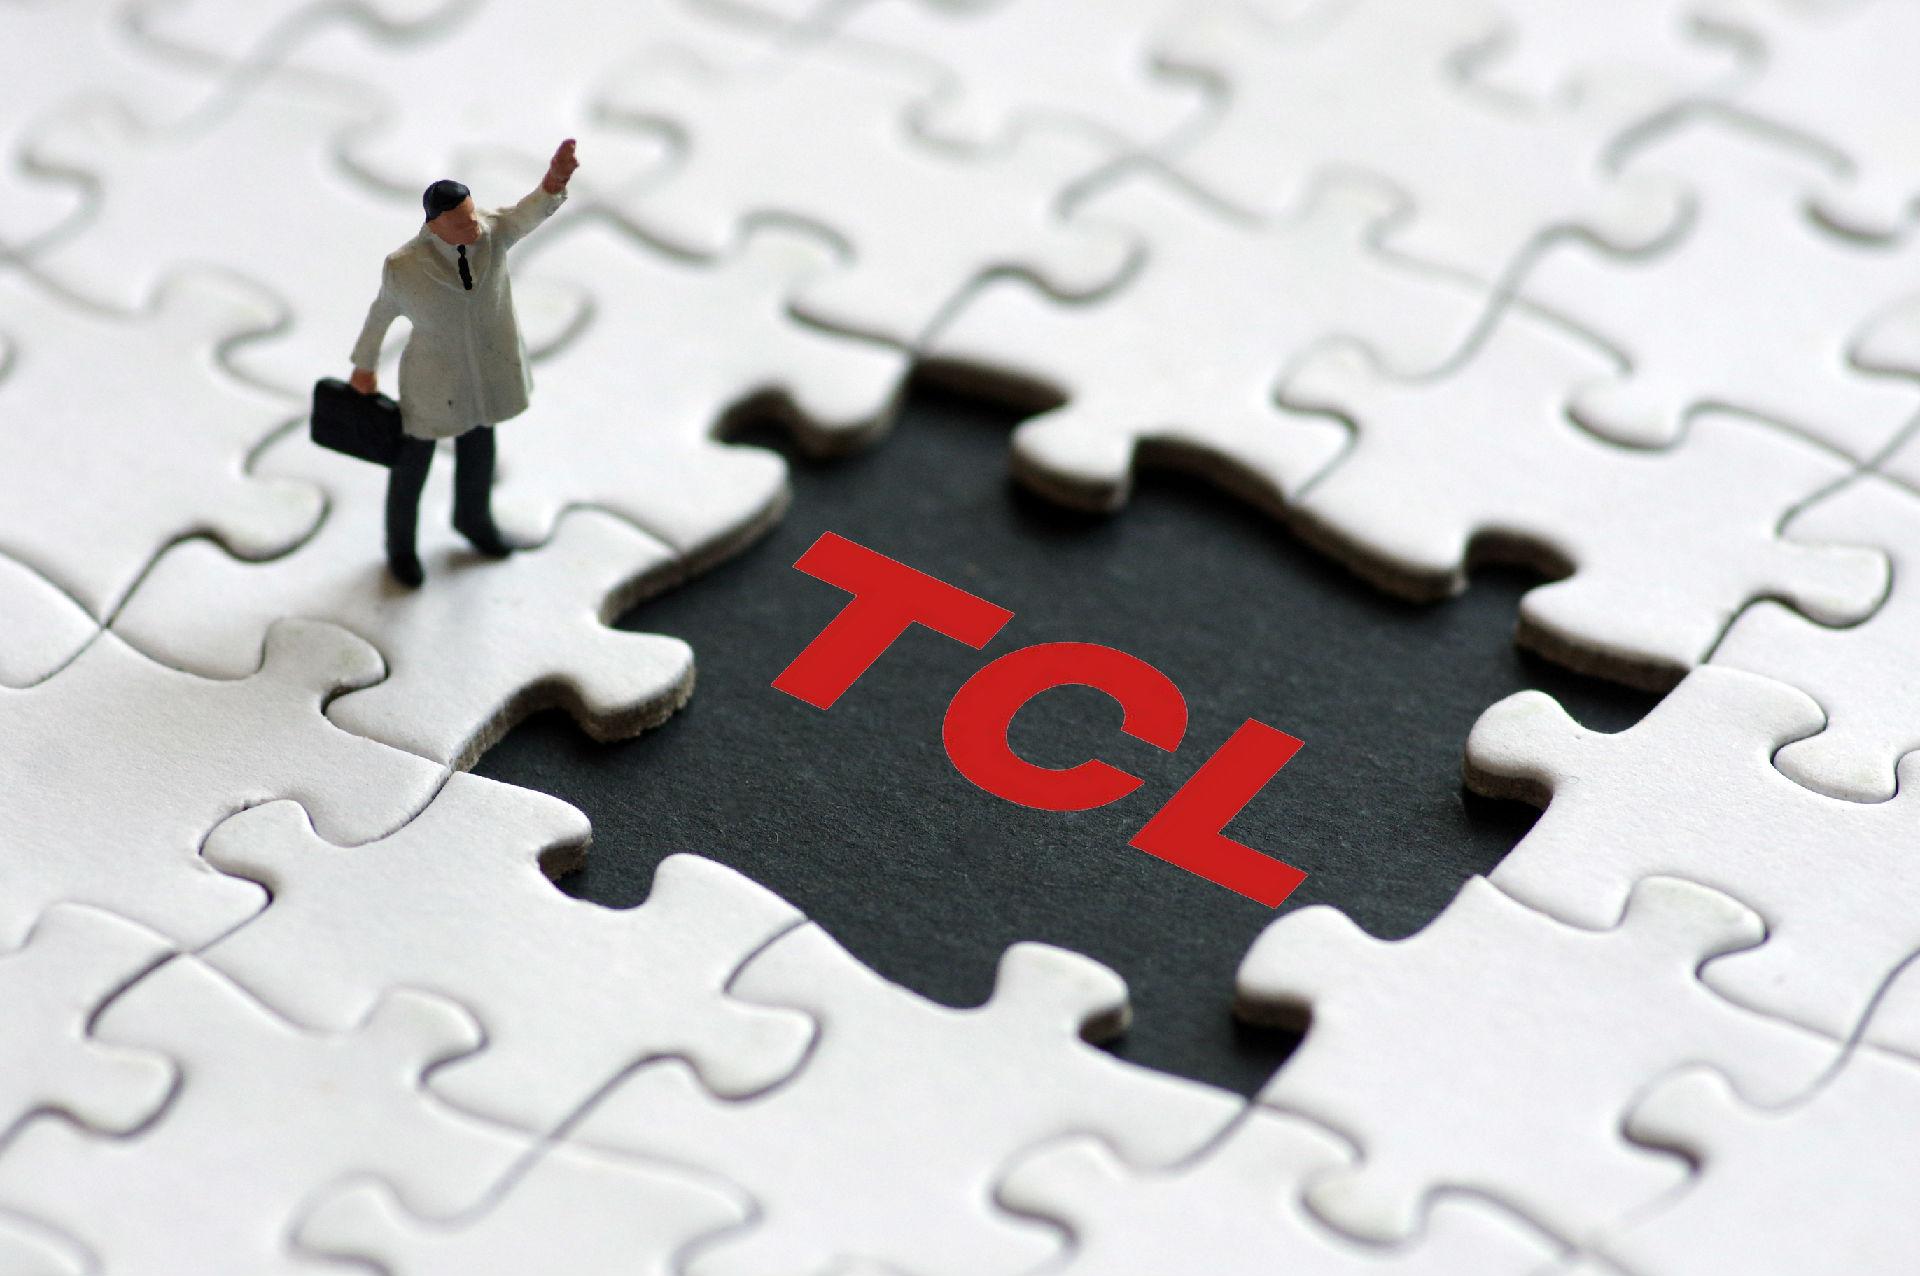 TCL主营业务增收不增利,布局金融投资业务能否扳回一城?